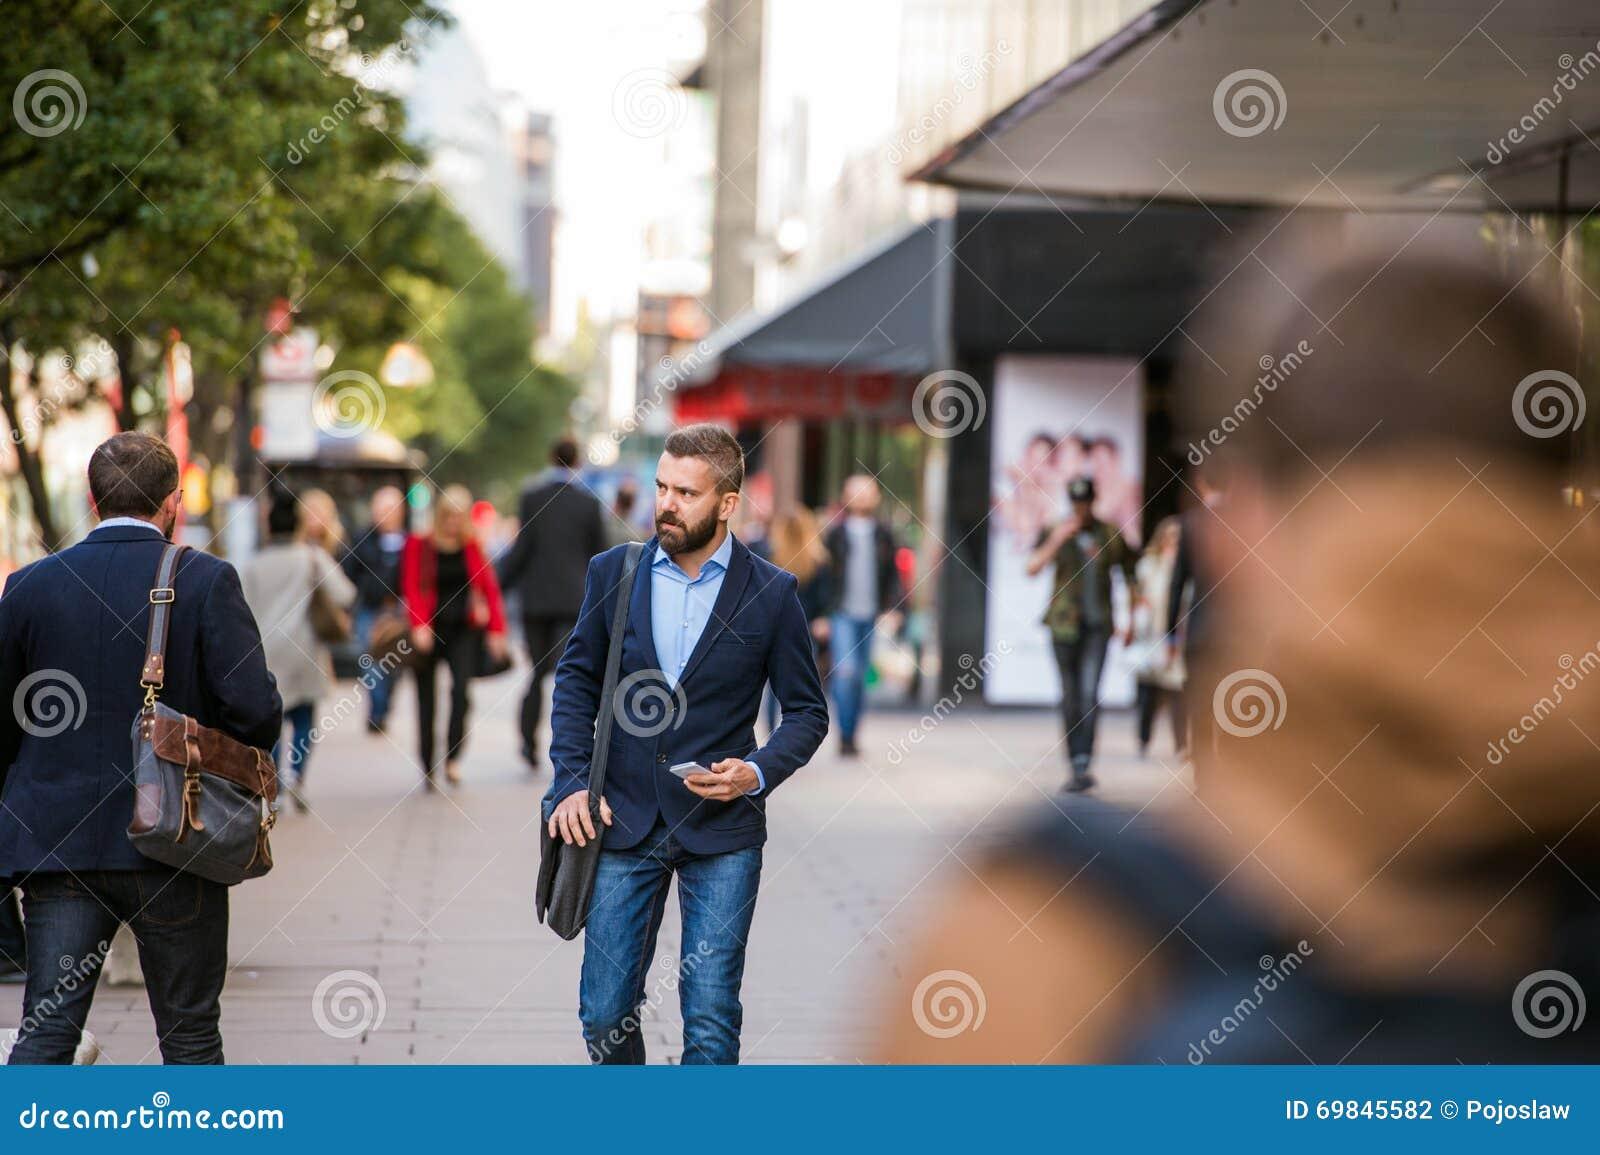 Διευθυντής Hipster με το έξυπνο τηλέφωνο που περπατά στην οδό